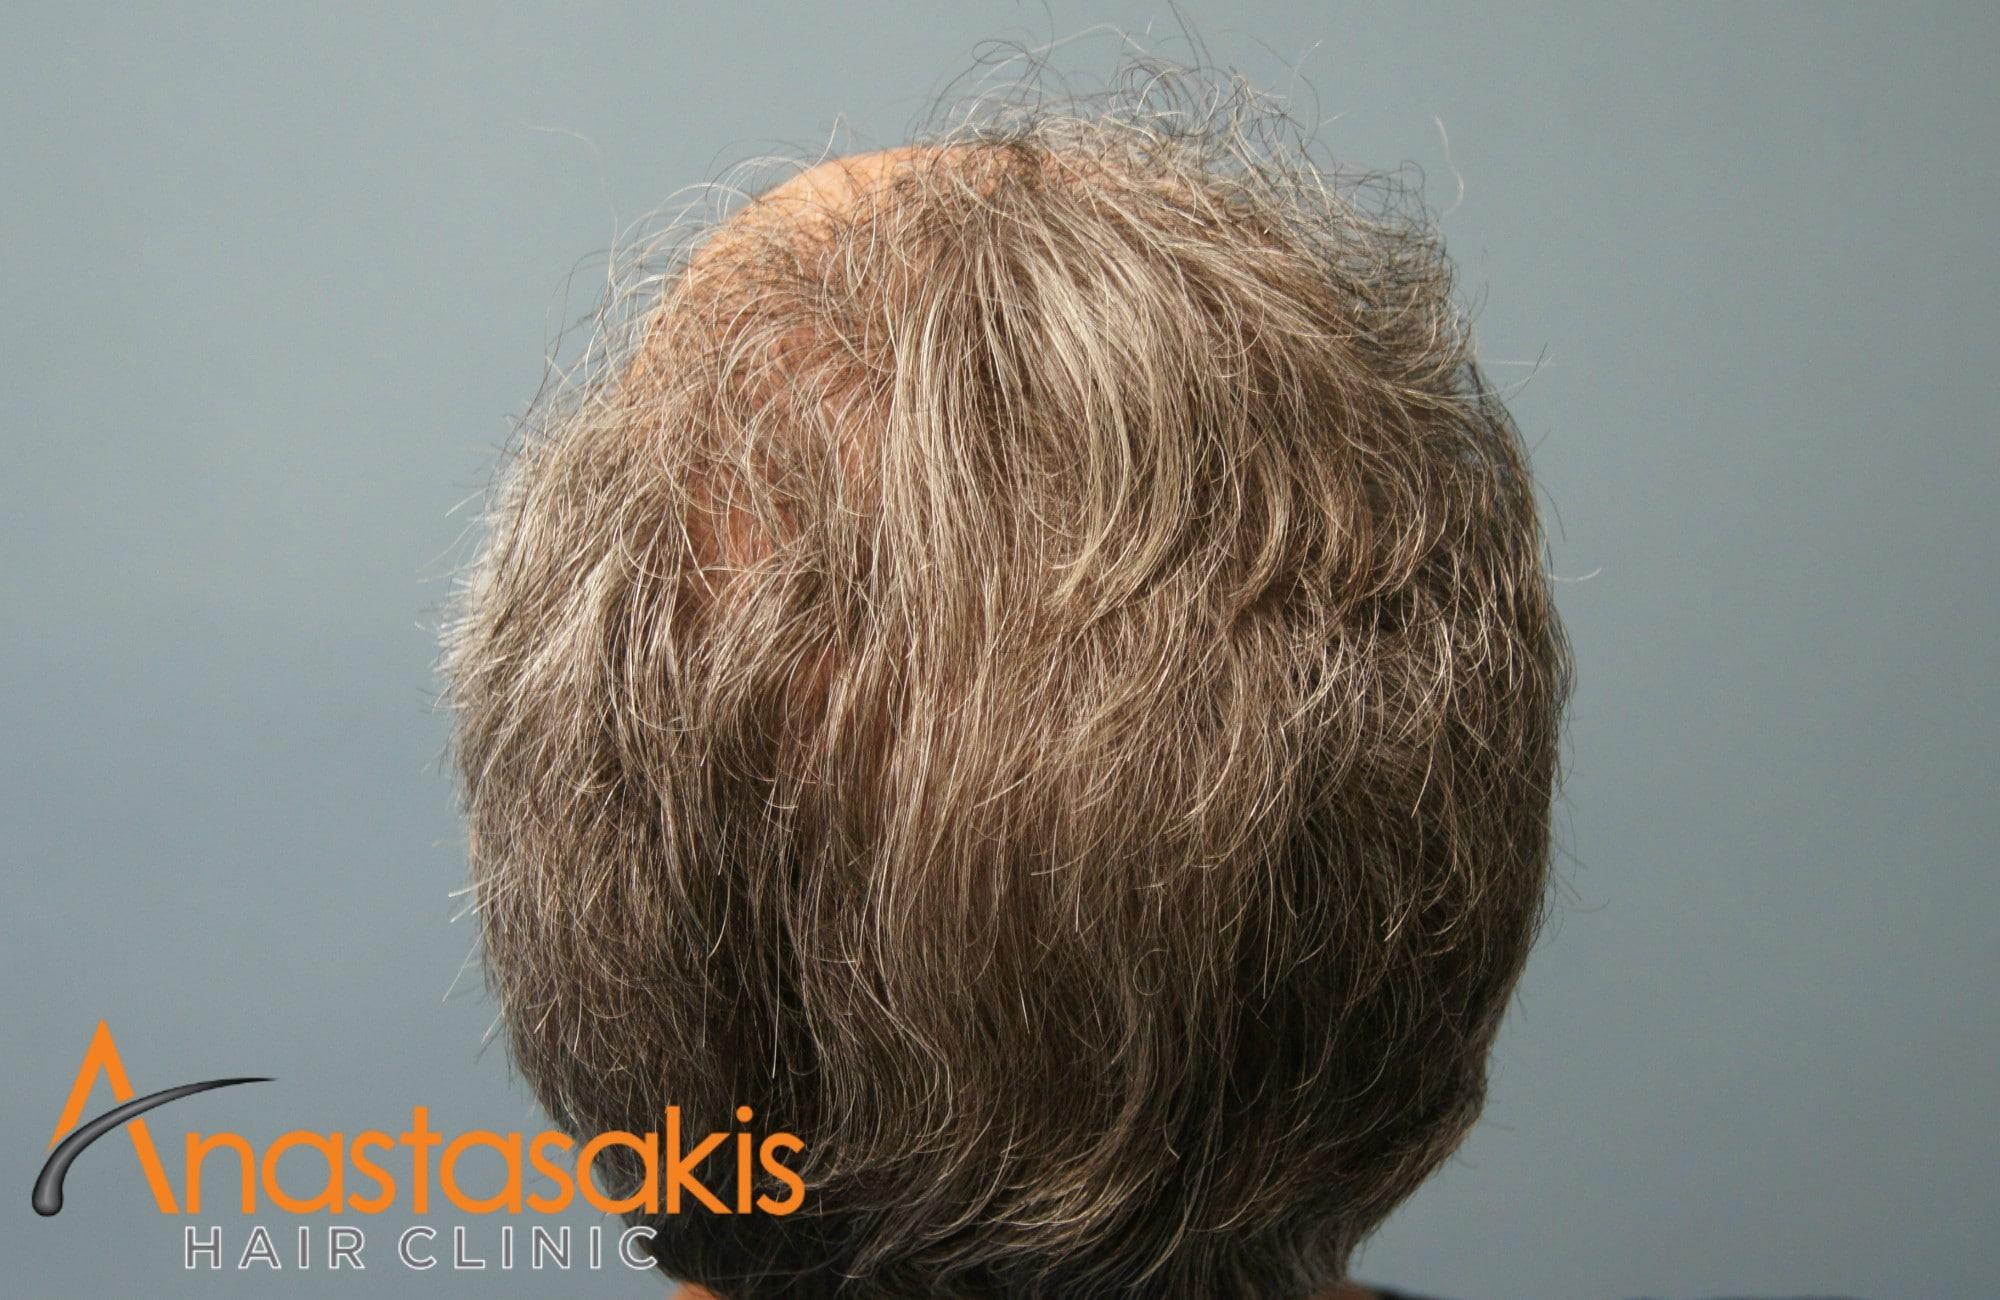 birdview ασθενούς μετά τη μεταμόσχευση μαλλιών με 3500 fus